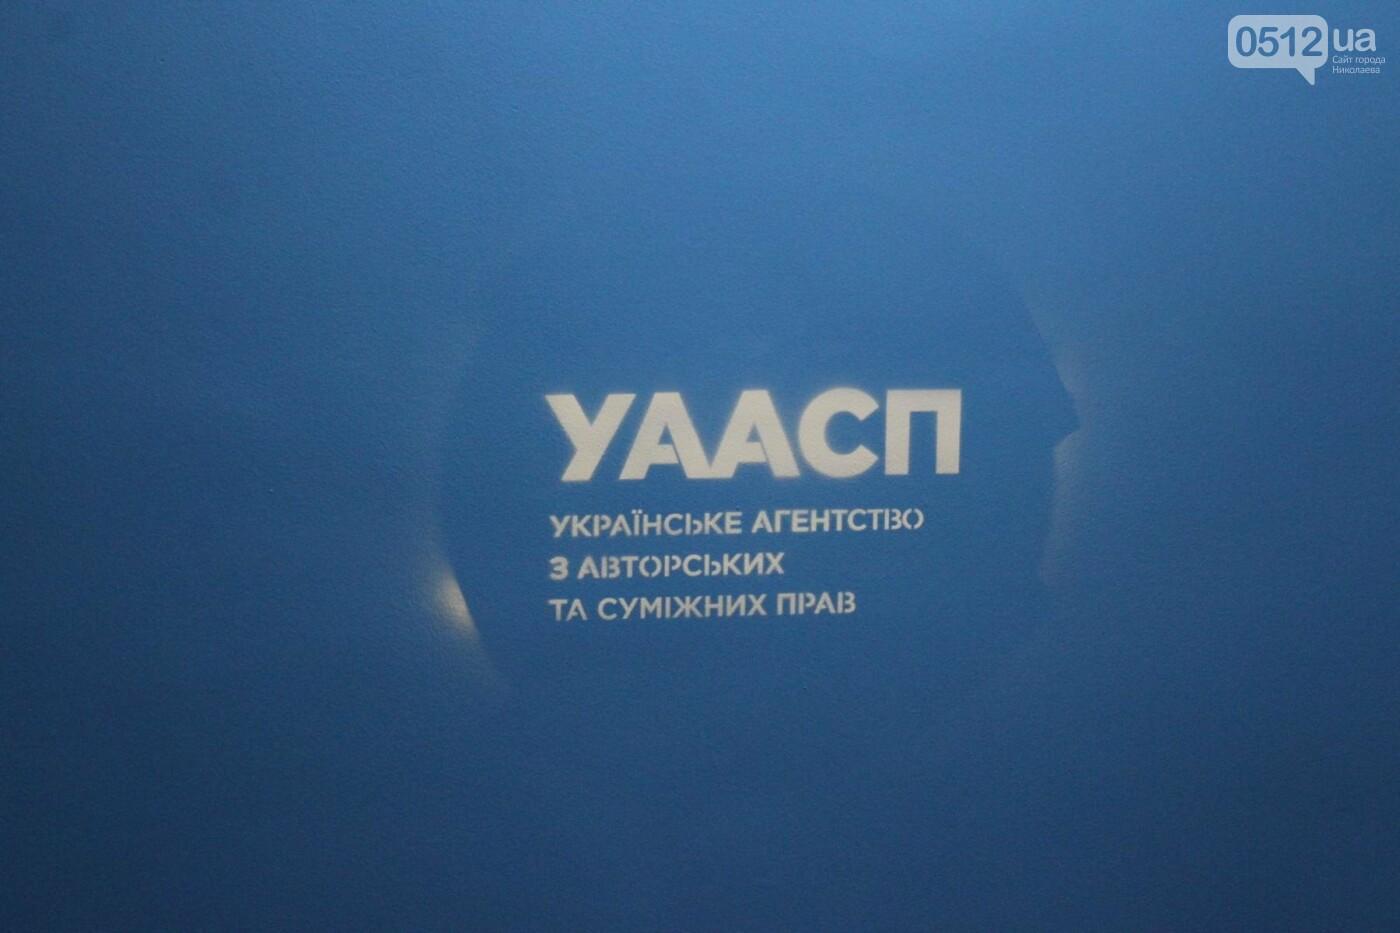 Каждое кафе в Украине должно платить за музыку, даже если звучит радио: как это устроено , фото-6